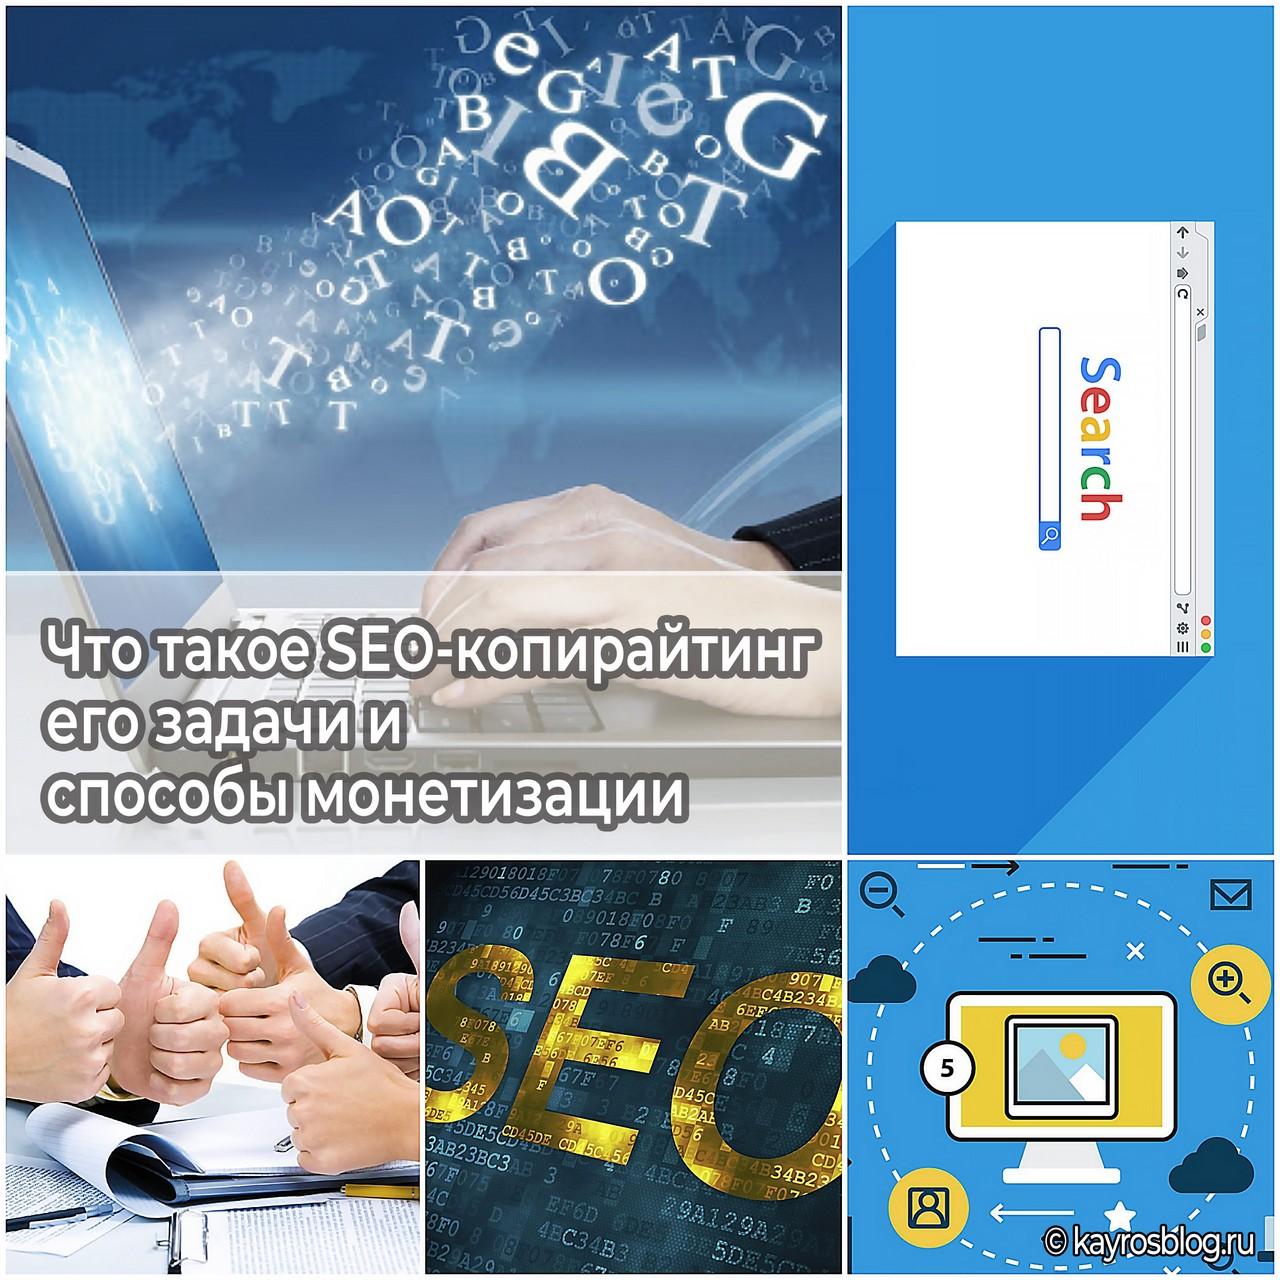 Что такое SEO-копирайтинг - его задачи и способы монетизации